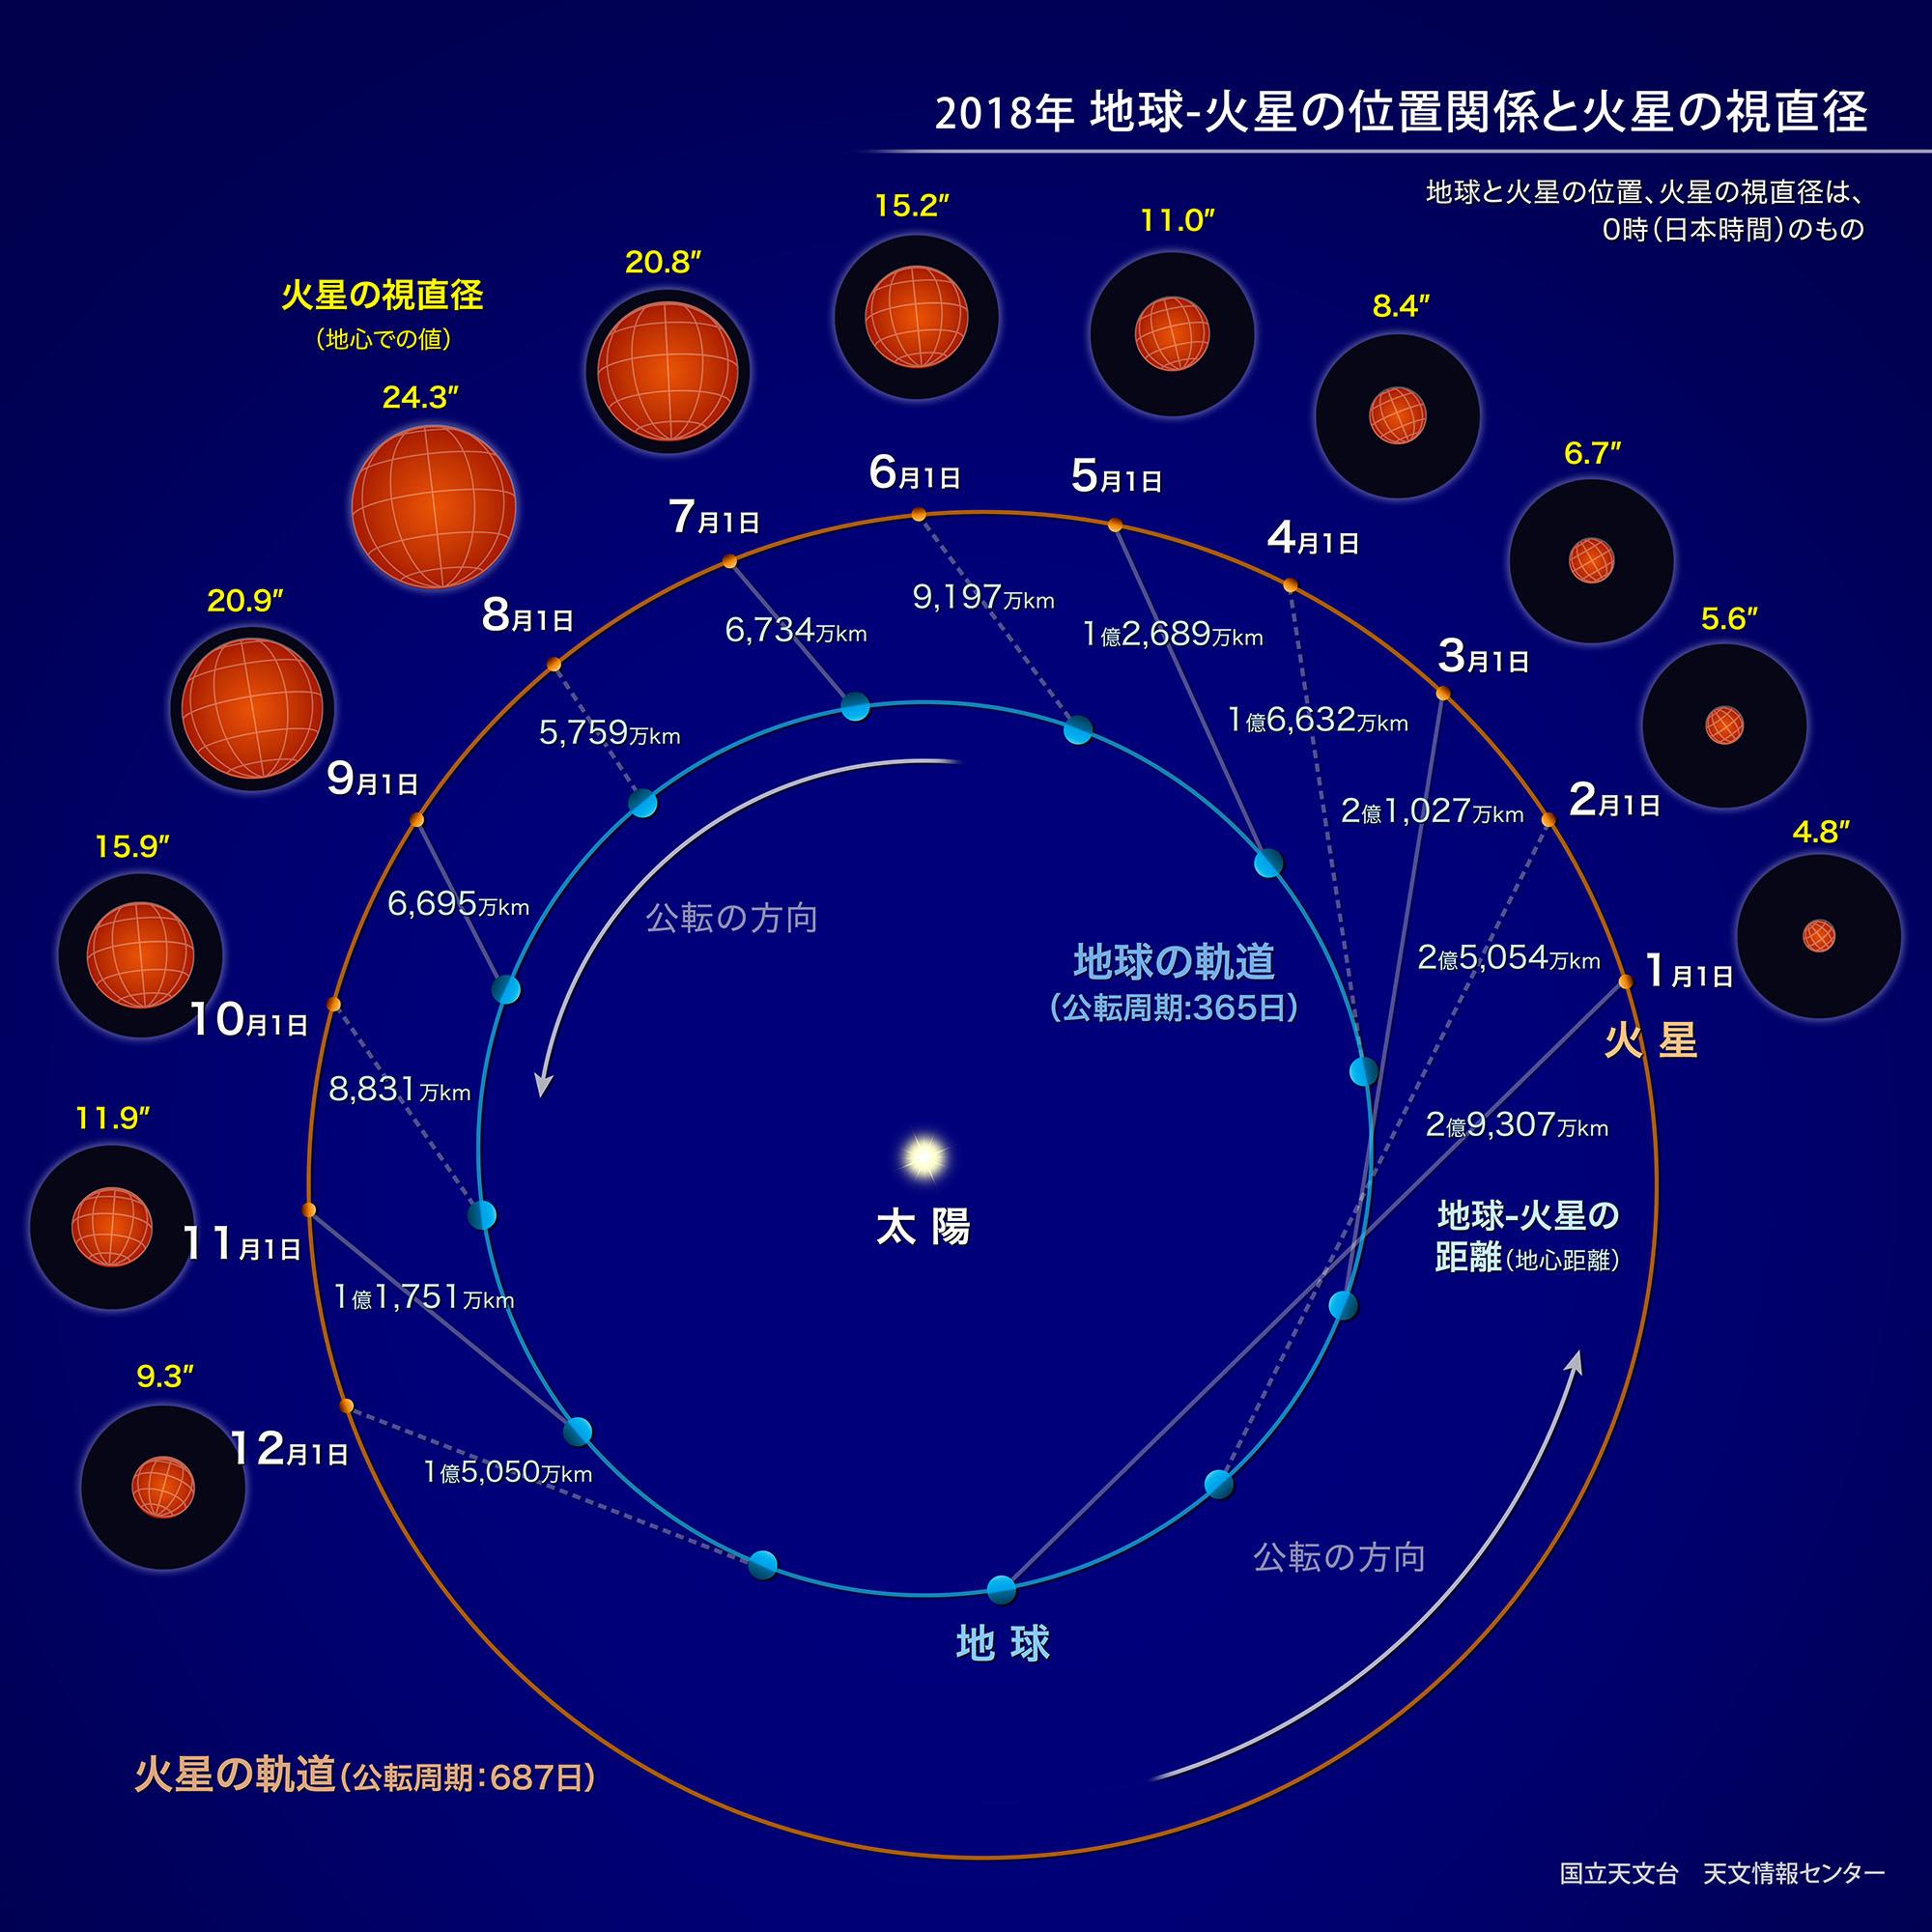 自然科学研究機構 国立天文台火星の接近とは